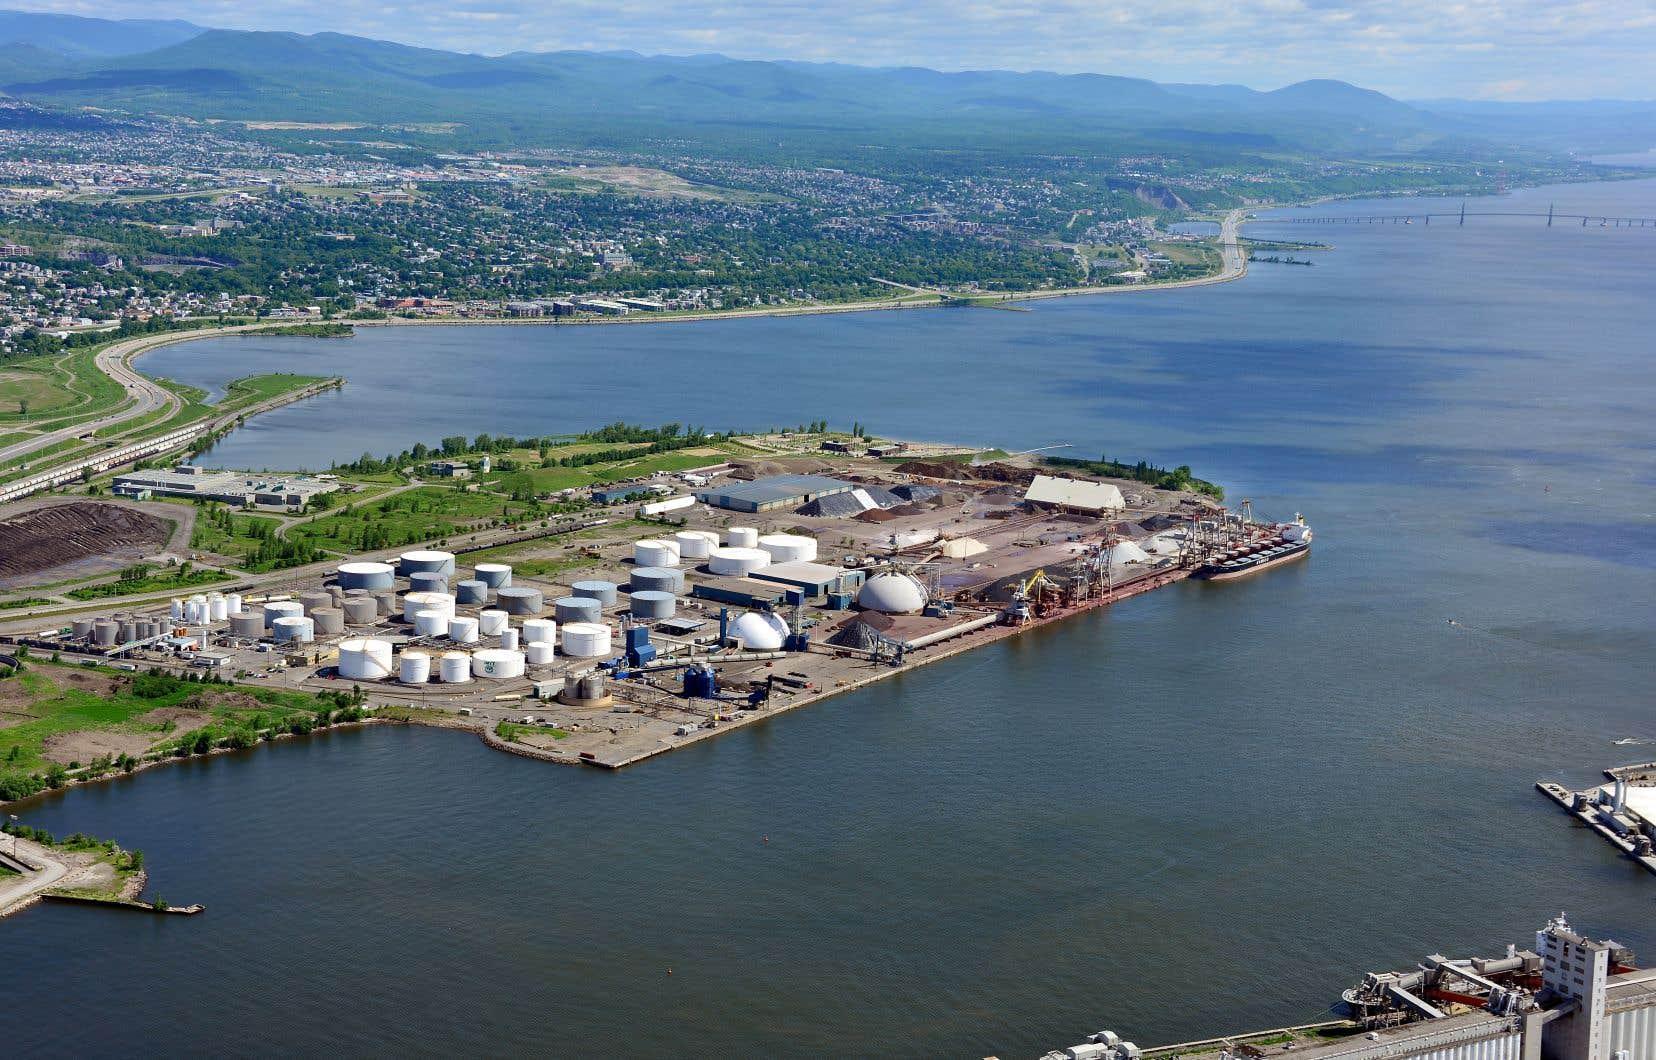 Le projet d'agrandissement du port de Québec comprend une avancée de 17 hectares sur le fleuve pour créer un terminal de conteneurs en eau profonde.